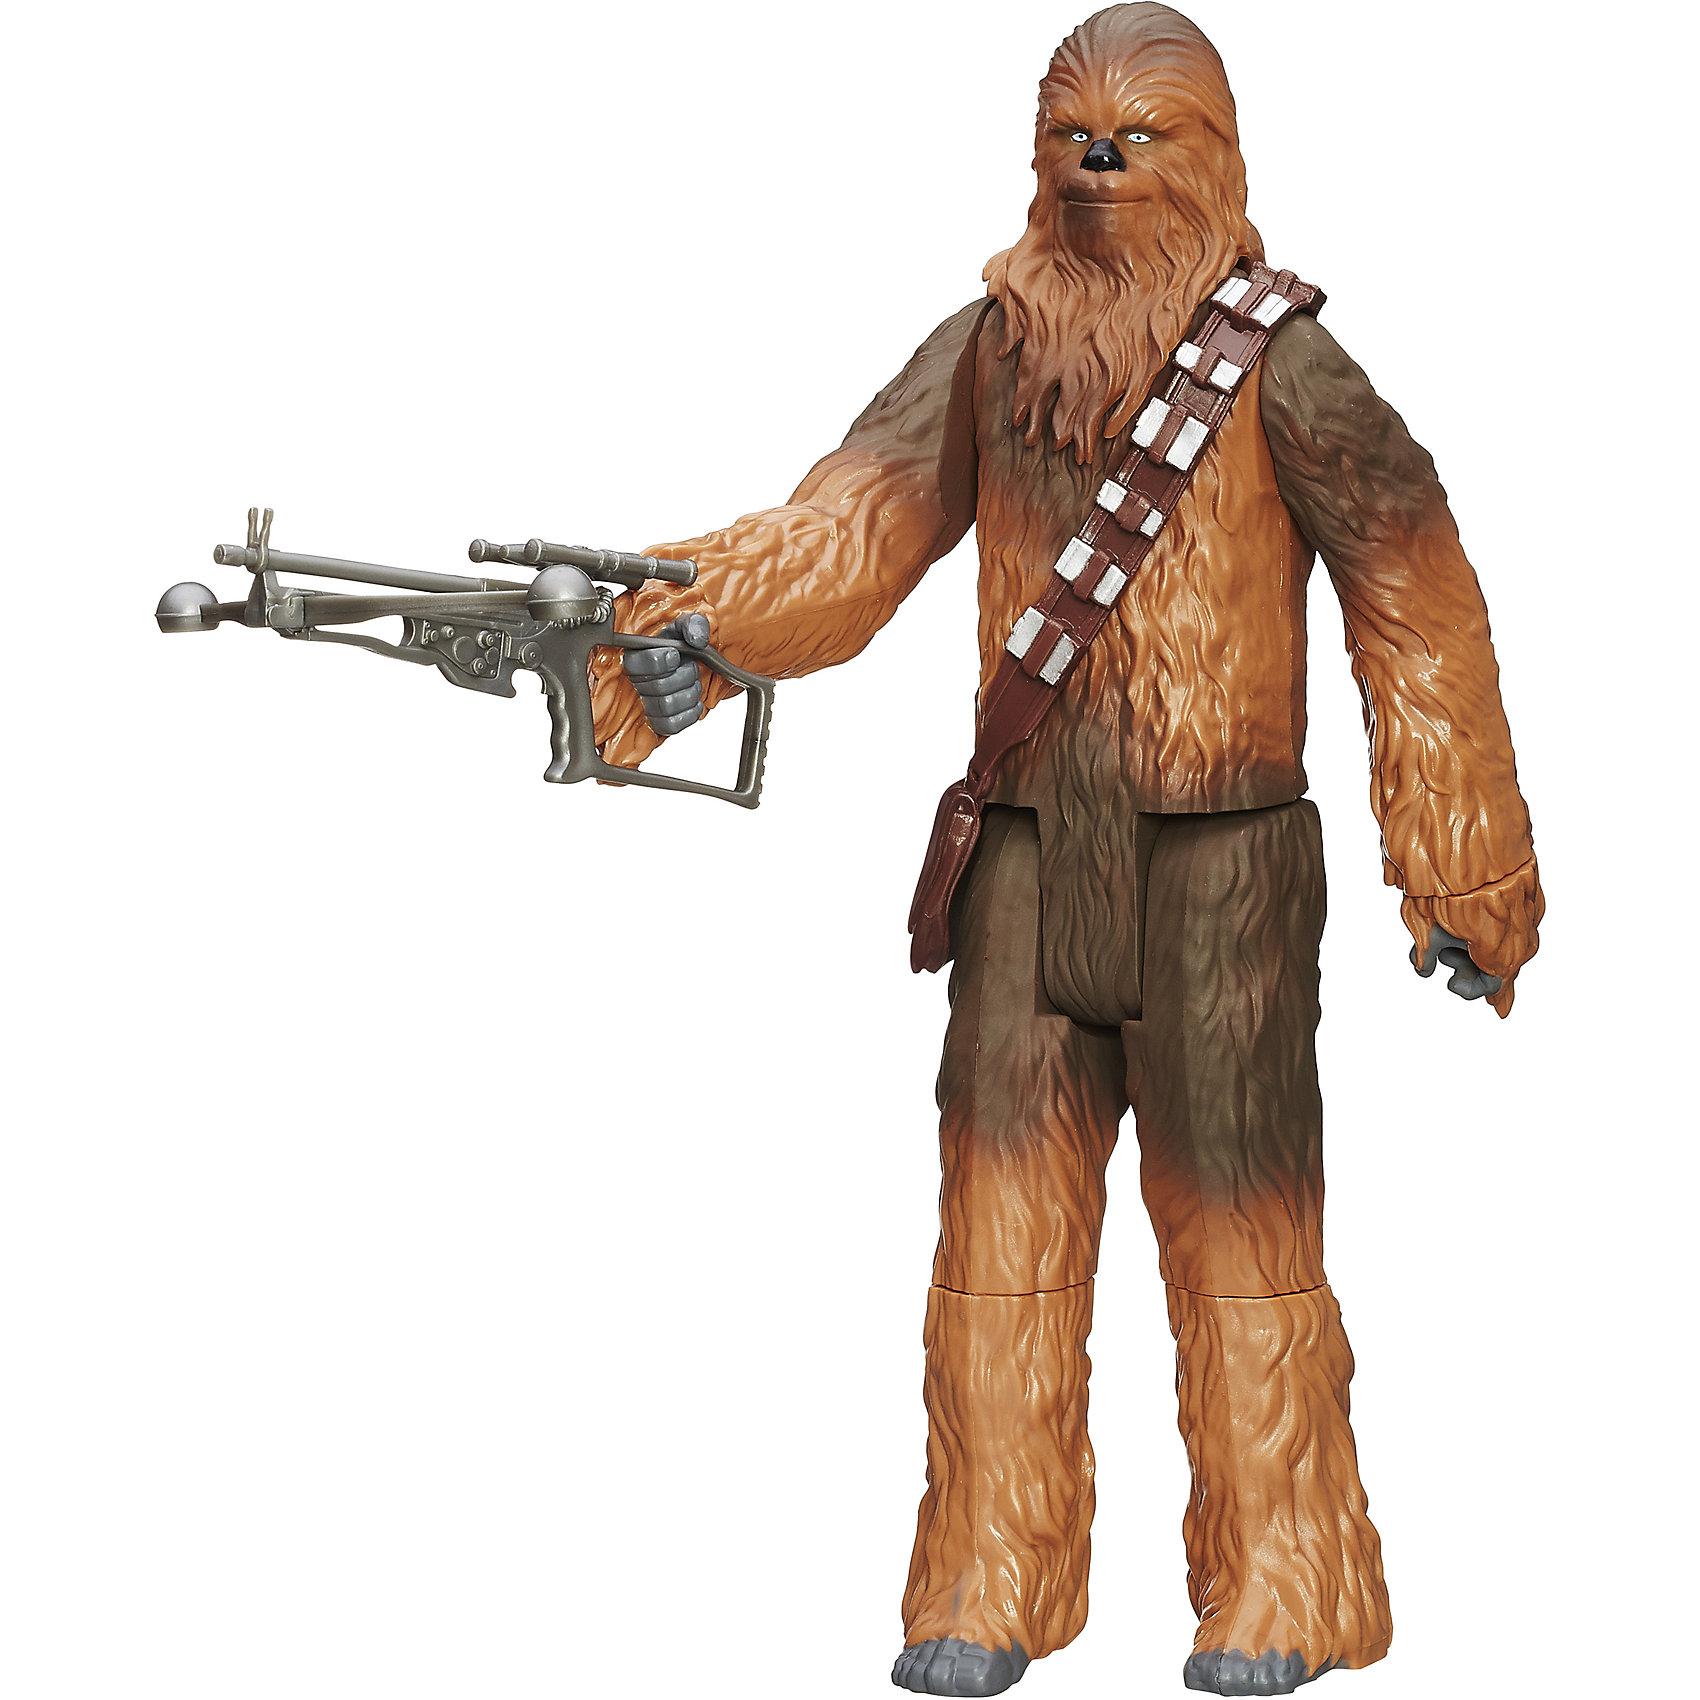 Титаны, с аксессуарами,  Звездные войны, B3914/B3915Титаны, с аксессуарами,  Звездные войны, в ассортименте – это превосходный подарок для поклонника Звёздных войн. Большая фигурка героя из серии Титаны Звездные войны выполнена полностью по образу и подобию своего героя-прототипа. Игрушка достигает в высоту целых 30 сантиметров. В ассортименте представлены два вида фигурок. Первая - фигурка Штурмовика-огнемётчика, одного из новых типов клонов-штурмовиков, которых мы увидим в седьмом эпизоде «Звездных войн». Это специализированные штурмовики, используемые Первым порядком через 30 лет после битвы при Эндоре. Данный тип солдат использует огнемётное оружие и носит традиционную белую броню. Вторая - замечательная фигурка всем нам хорошо знакомого и любимого вуки Чубакки, верного друга и помощника капитана Хана Соло. Они готовы к бою, благодаря доспехам и оружию.  Дополнительная информация:  - В наборе: фигурка персонажа, доспехи, оружие - В ассортименте 2 фигурки: Штурмовик и Чубакка - Высота фигурки: 30 см. - Материал: пластмасса - Размер упаковки: 30 x 16 x 6 см. - Вес: 320 гр. - ВНИМАНИЕ! Данный артикул представлен в разных вариантах исполнения. К сожалению, заранее выбрать определенный вариант невозможно. При заказе нескольких наборов возможно получение одинаковых  Набор Титаны, с аксессуарами,  Звездные войны (Star Wars), в ассортименте можно купить в нашем интернет-магазине.<br><br>Ширина мм: 310<br>Глубина мм: 172<br>Высота мм: 68<br>Вес г: 440<br>Возраст от месяцев: 48<br>Возраст до месяцев: 96<br>Пол: Мужской<br>Возраст: Детский<br>SKU: 4803341